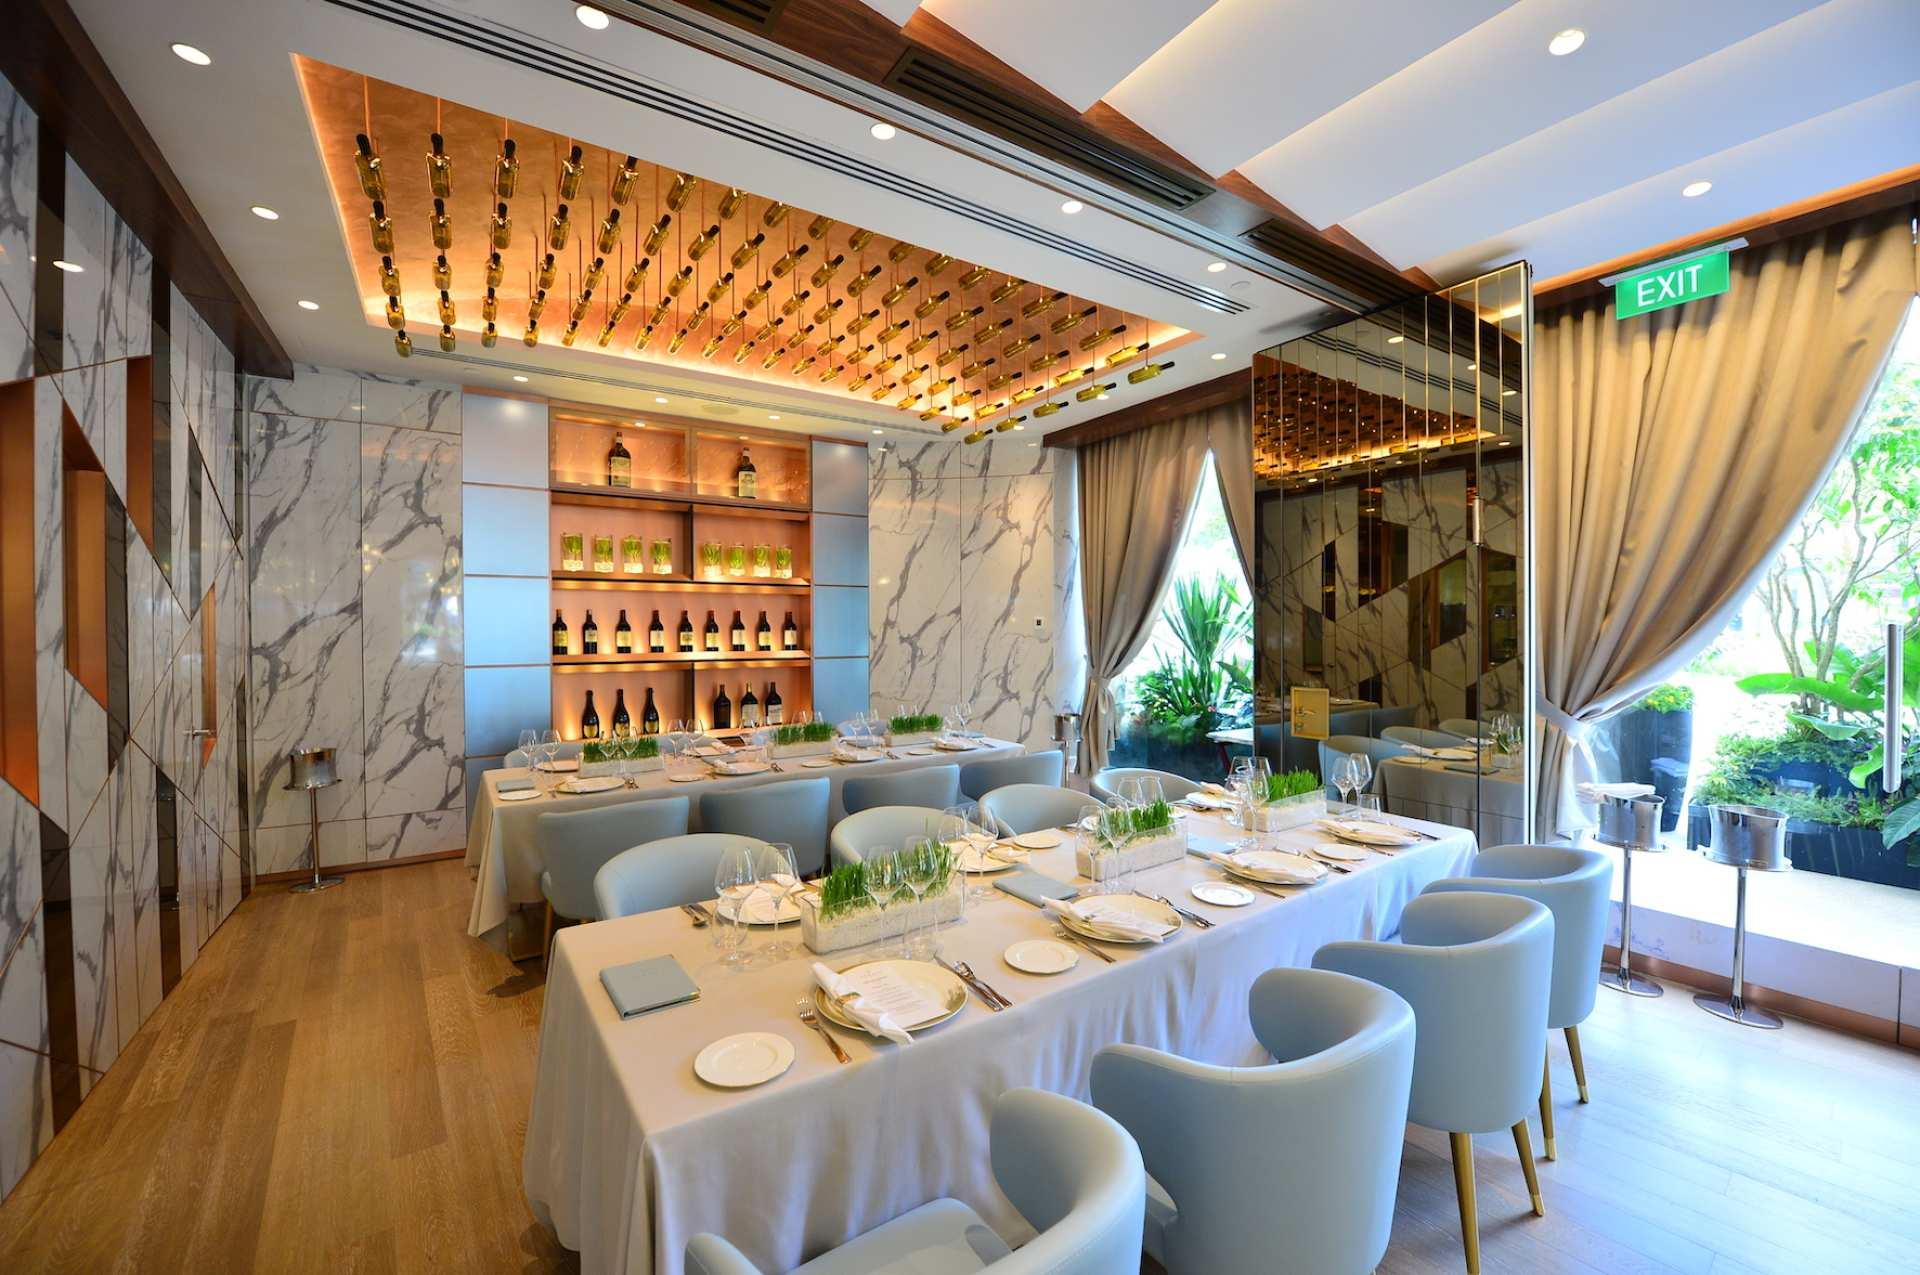 【新加坡名廚頂級餐廳】聖淘沙 Curate 餐廳